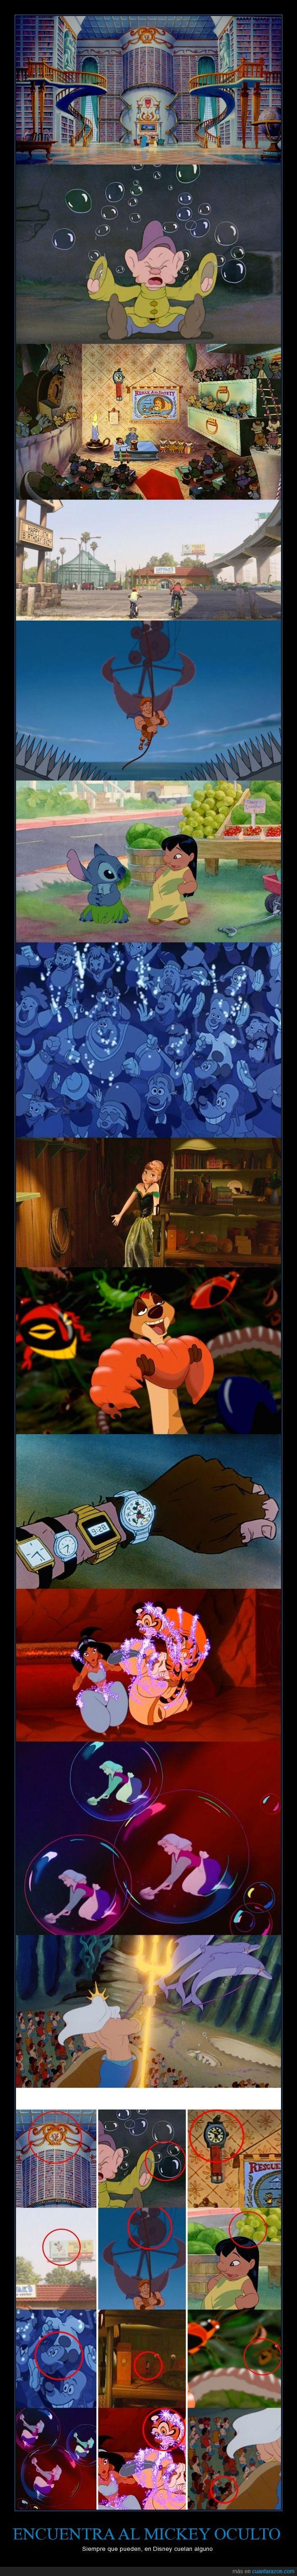 Aladdin,Cenicienta,Disney,El Rey león,forma,guiño,La Sirenita,Mickey,orejas,película,sutil,Wreck it Ralph